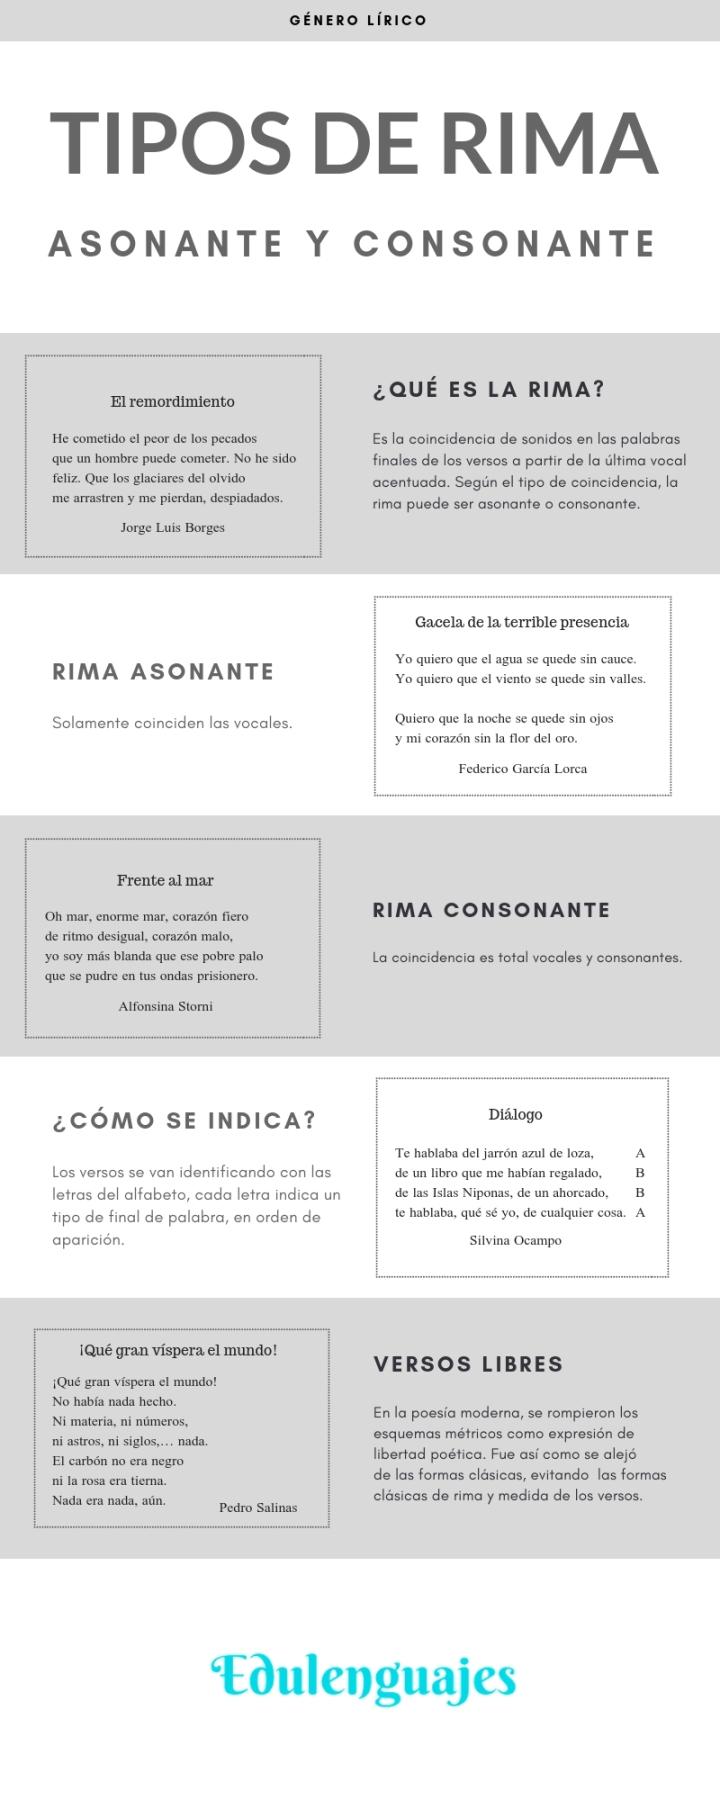 TIPOS DE RIMA (1)